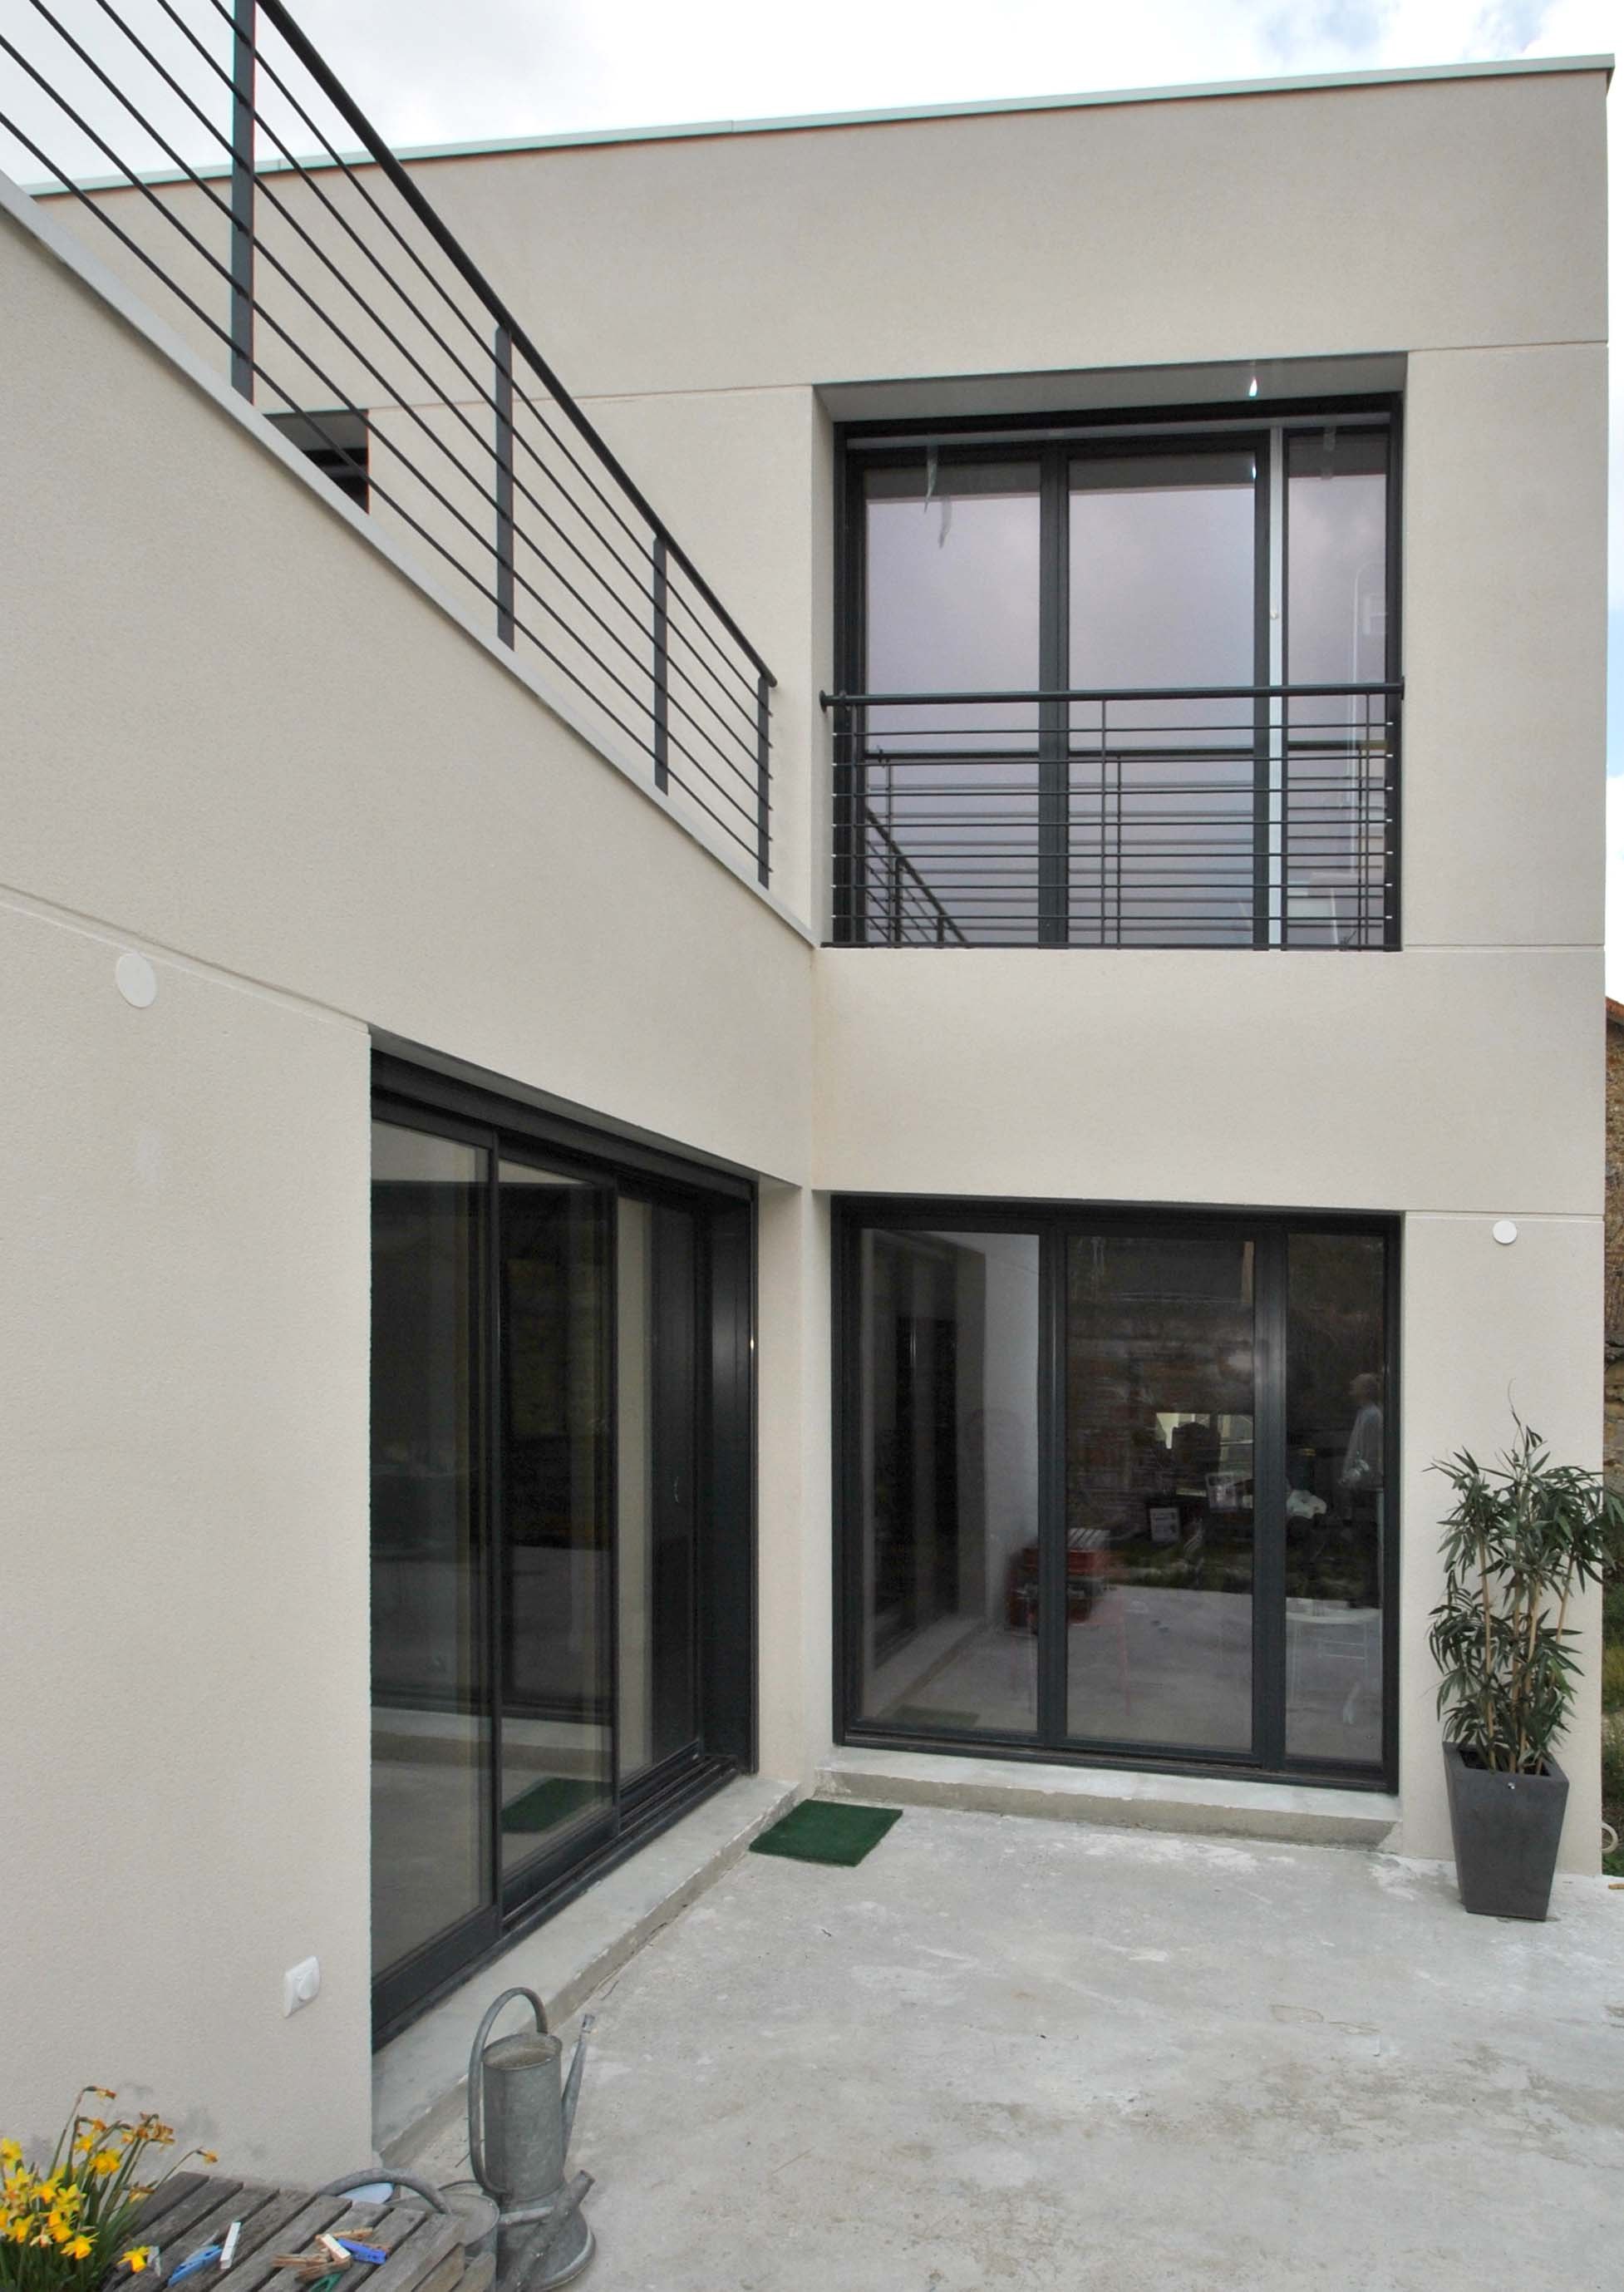 Interieur Maison Moderne Architecte tekart architecture – architectes associés : concepteur de